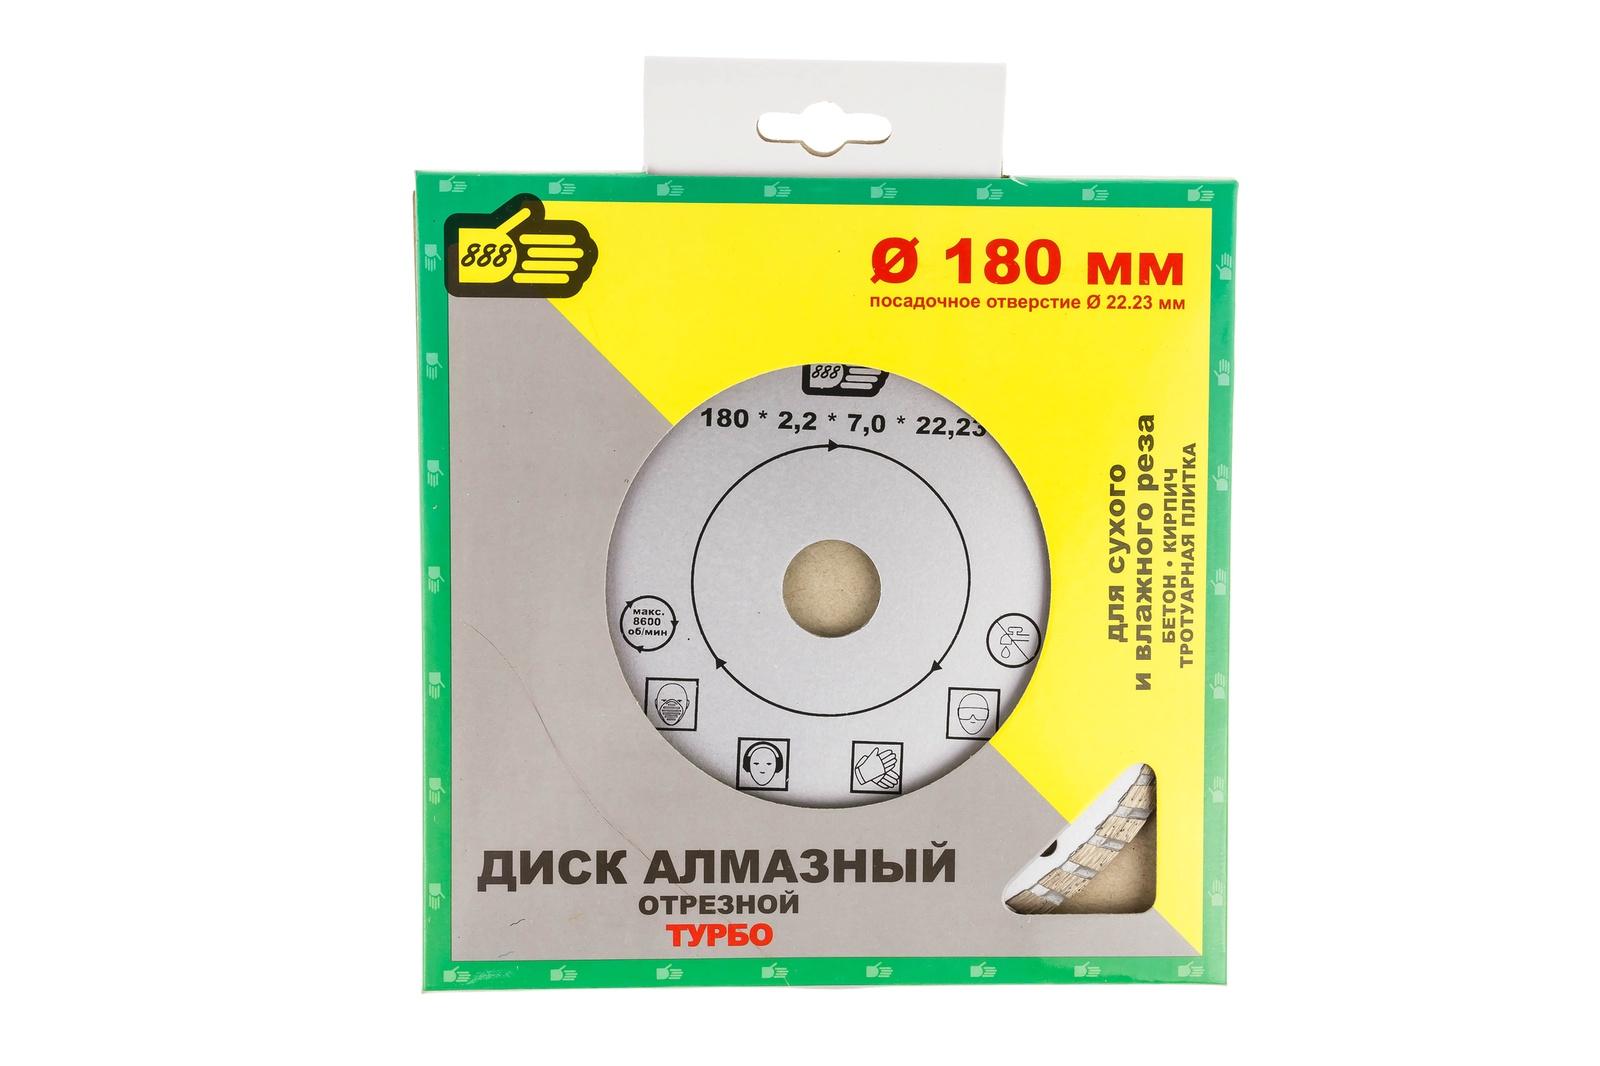 Круг отрезной 888 Диск алмазный сегментный по камню 180 х 2,2 х 22 экономБ/НДиск алмазный сегментный для сухого реза (вариант эконом). Диск используется для реза бетона, кирпича и тротуарной плитки. Диаметр и толщина диска: 180х2,2 мм. Диаметр посадочного отверстия: 22 мм. Артикул: 6881540.